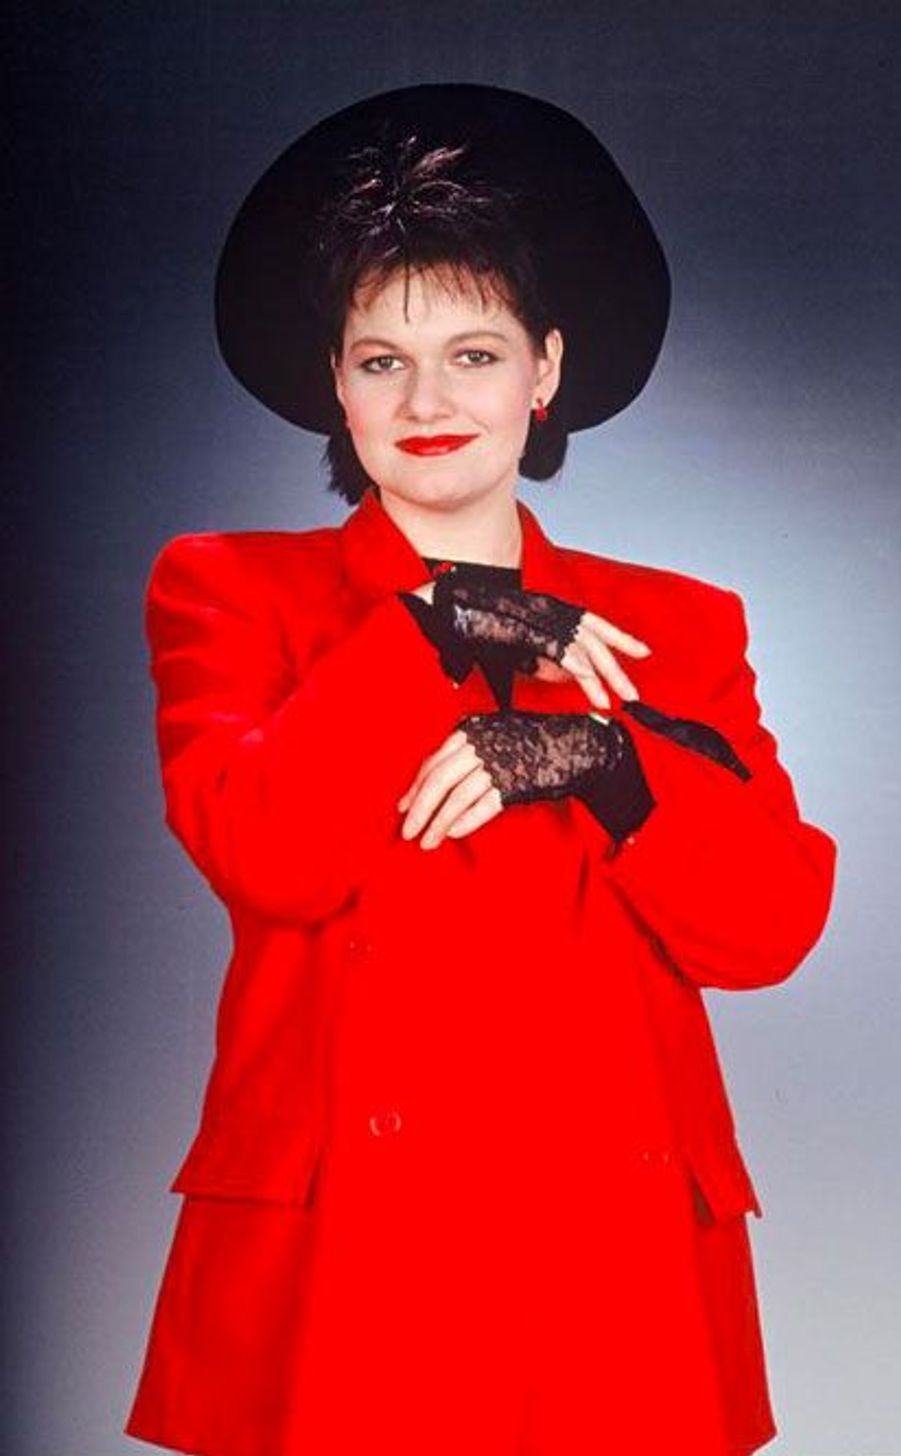 Maurane en 1988 dans les studios de l'émission «Sébastien c'est fou».